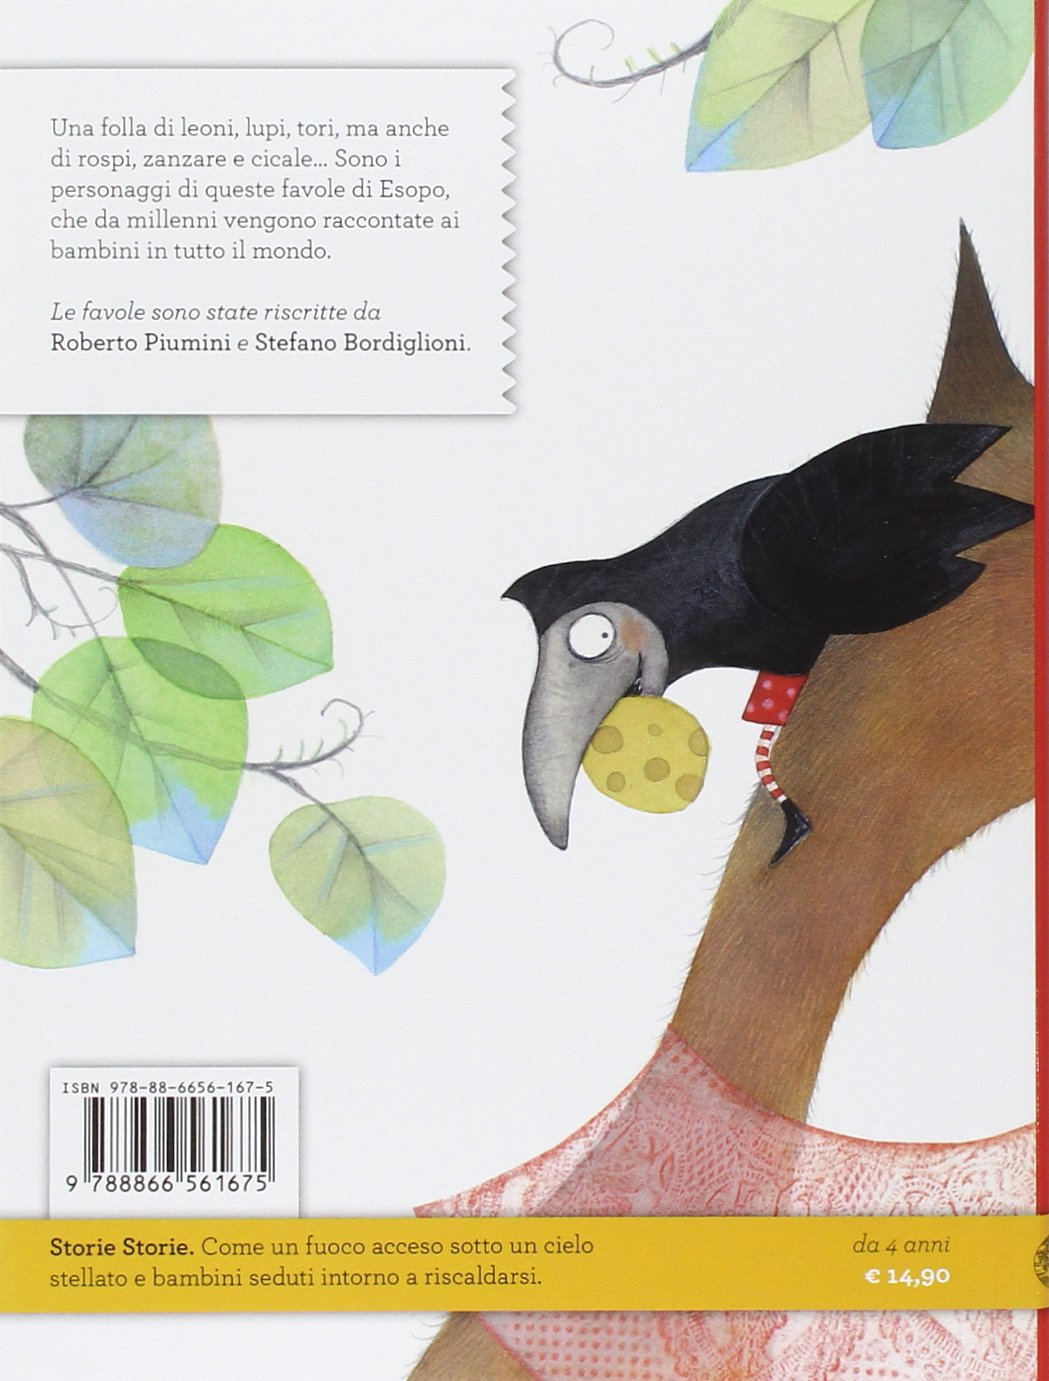 Favole Di Esopo 9788866561675 Amazoncom Books